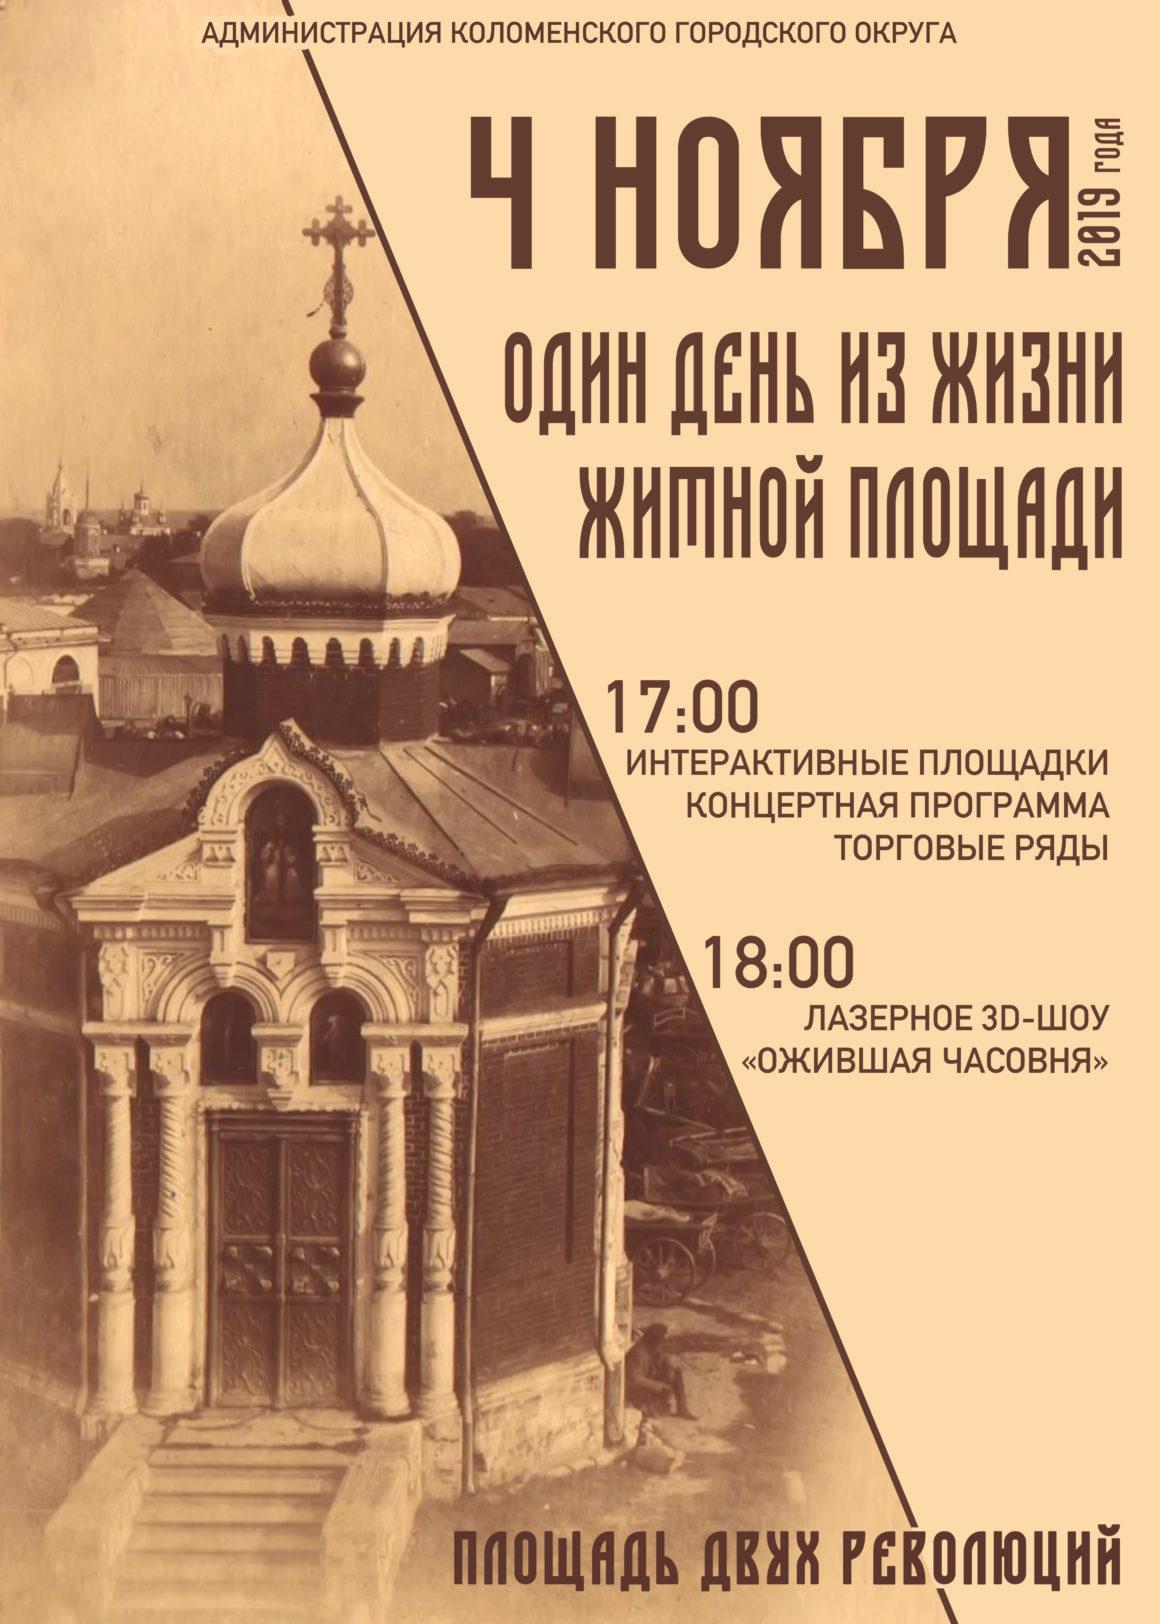 4 ноября 2019 года приглашаем всех на площадь Двух революций на программу «Один день из жизни Житной площади».